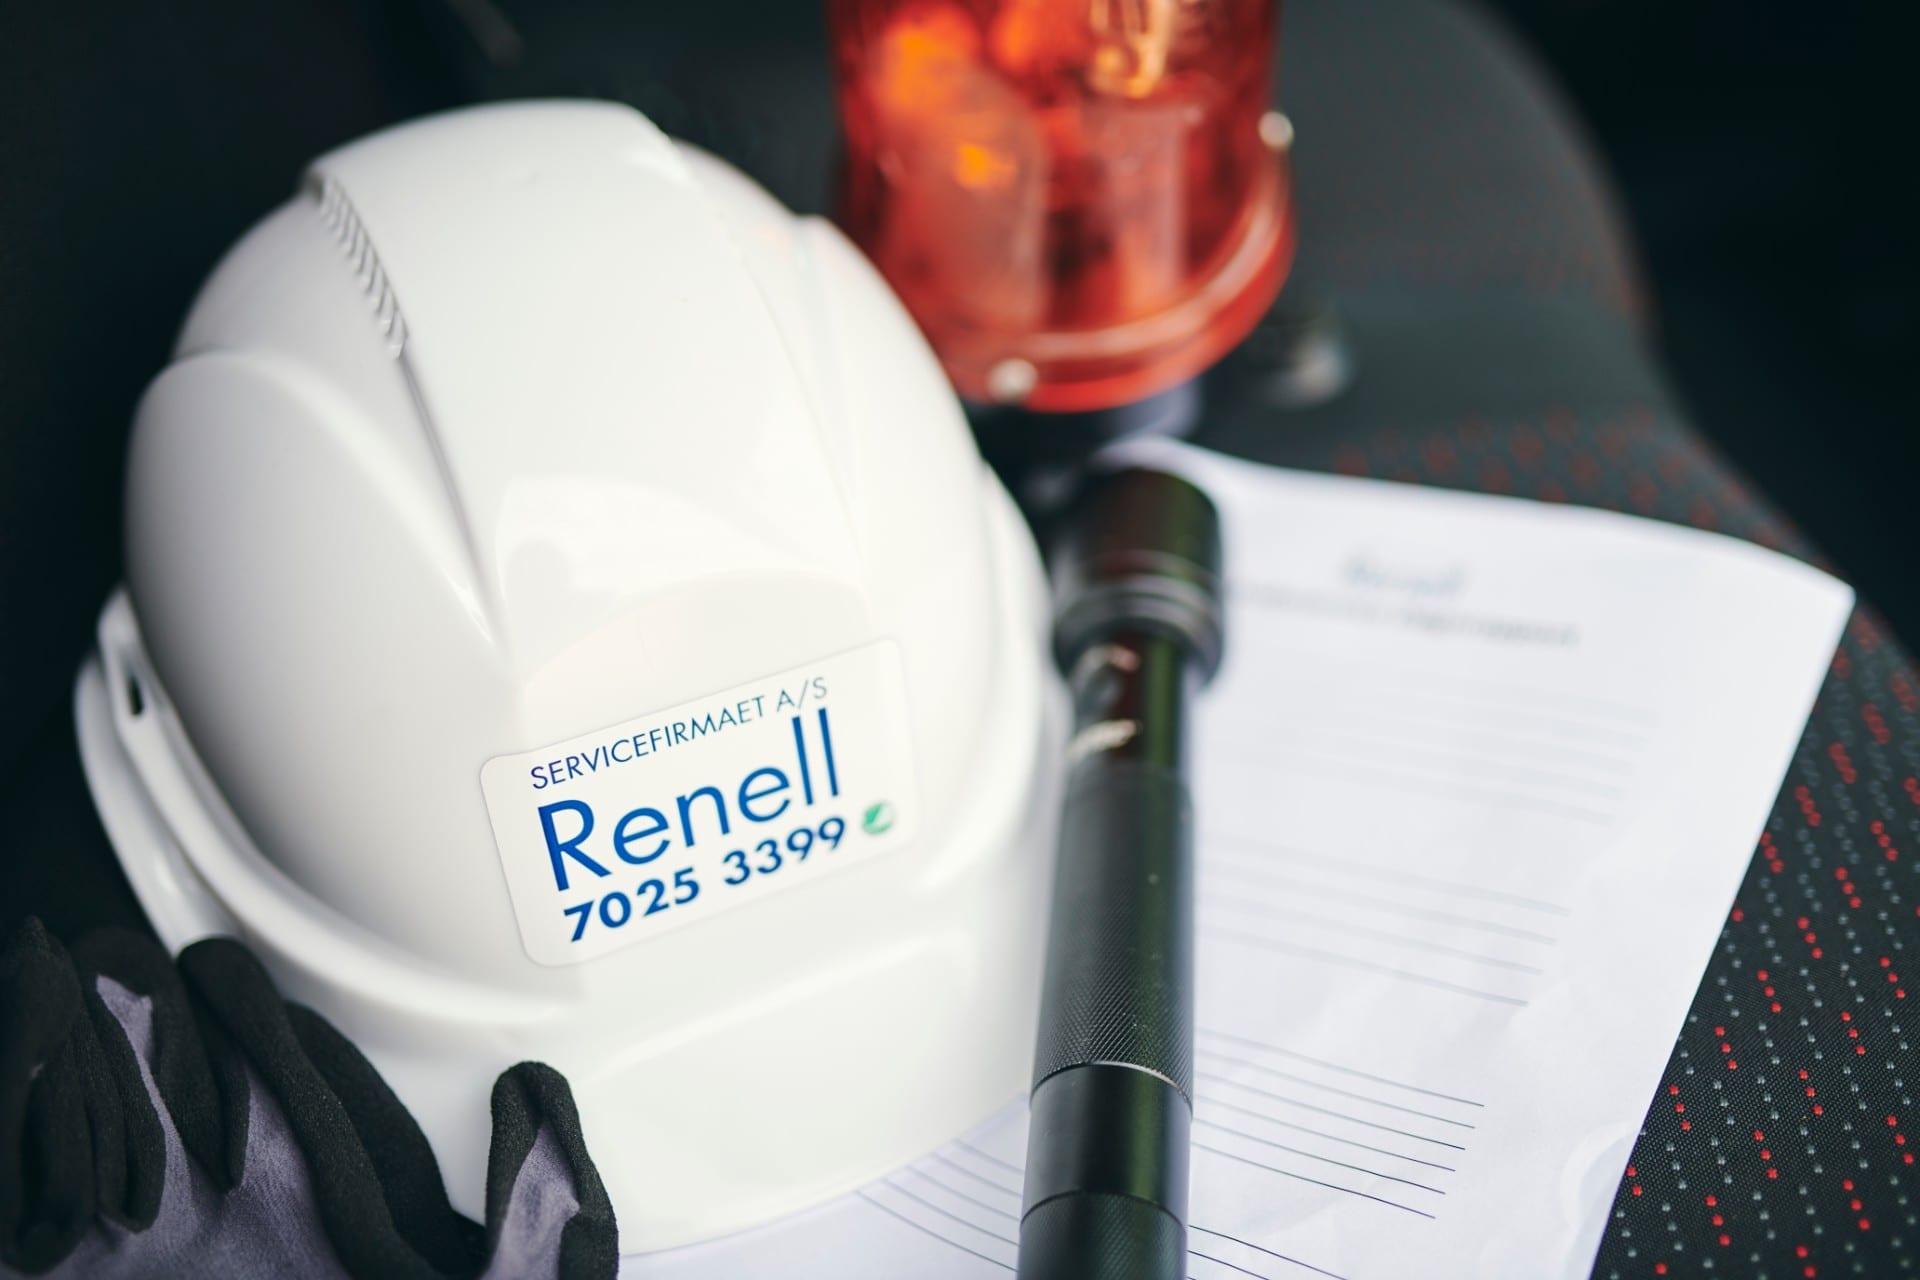 Renell - Skadeservice udstyr ligger klar til brug